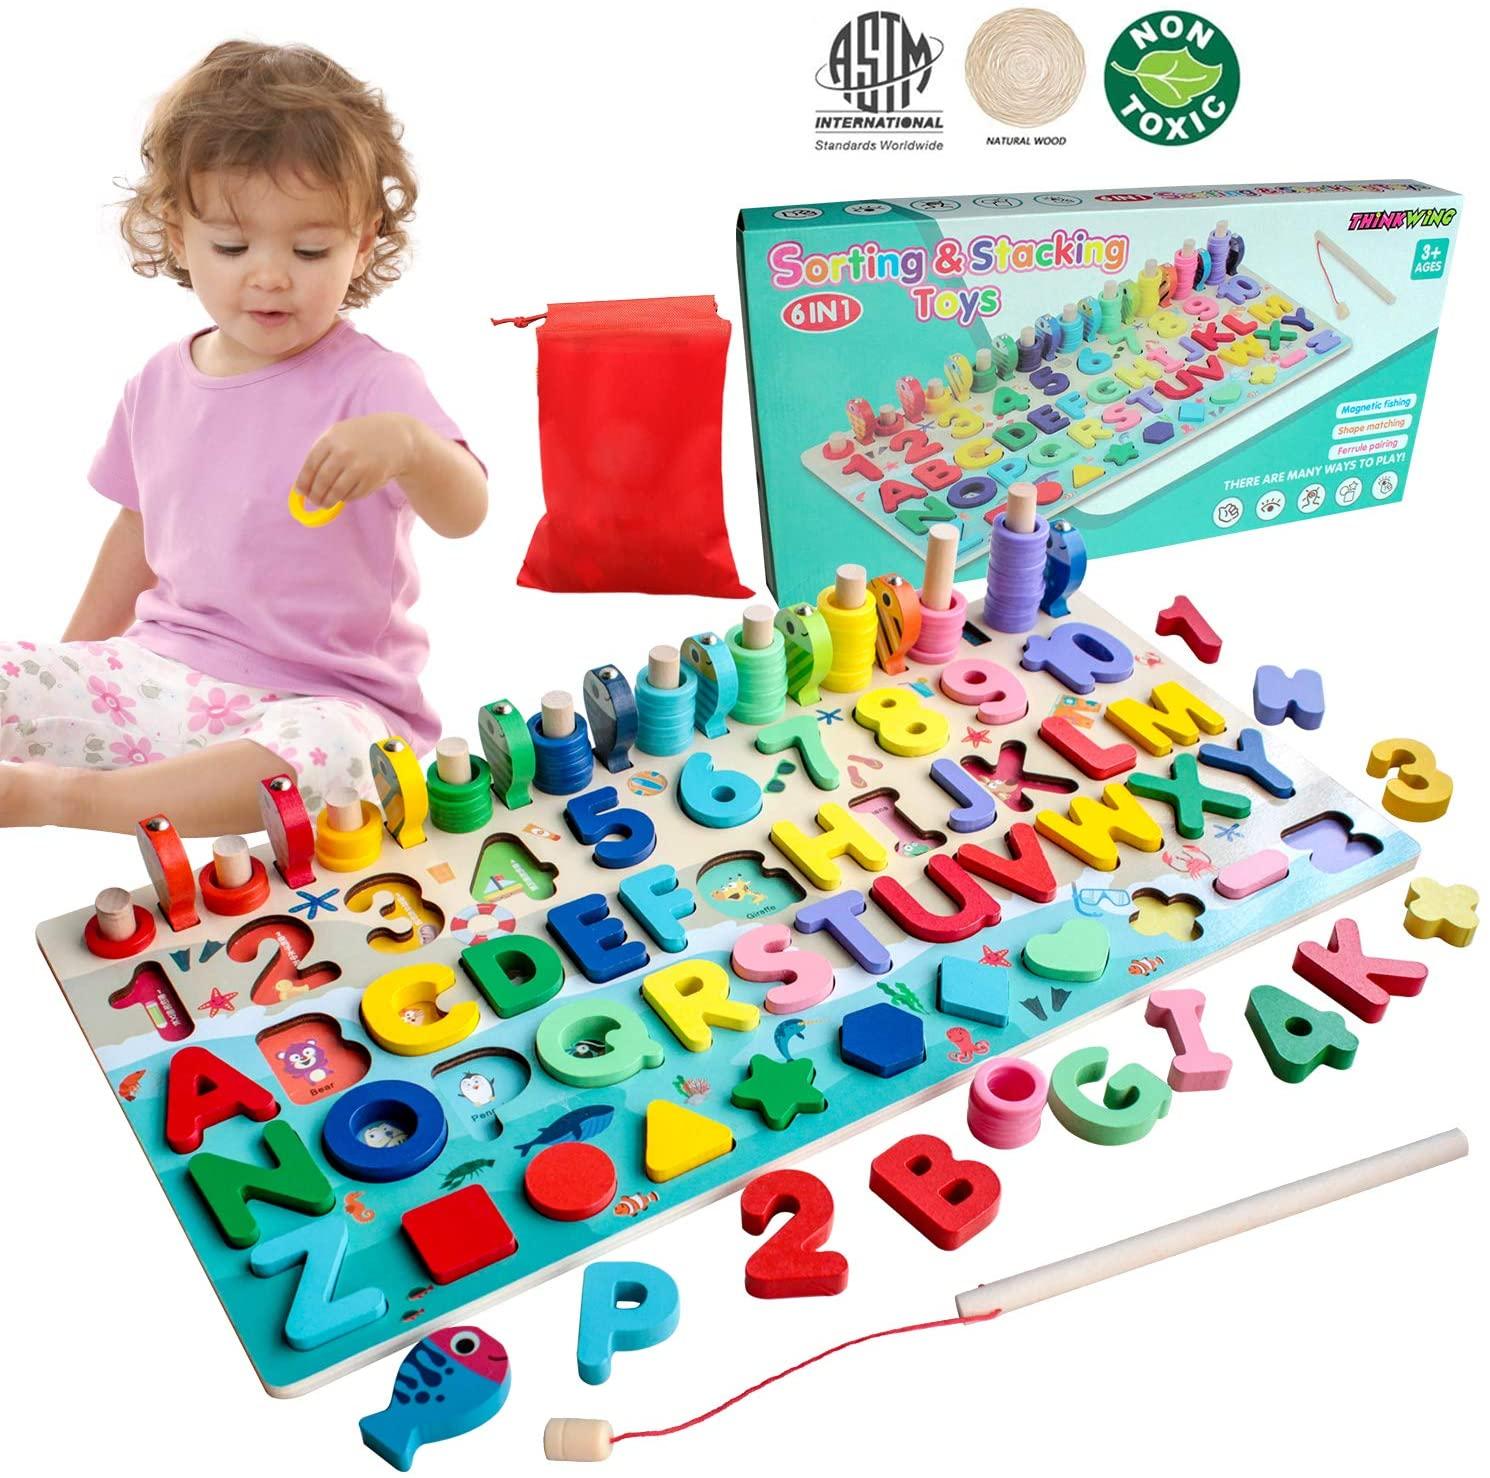 Wooden Montessori Puzzle for kids